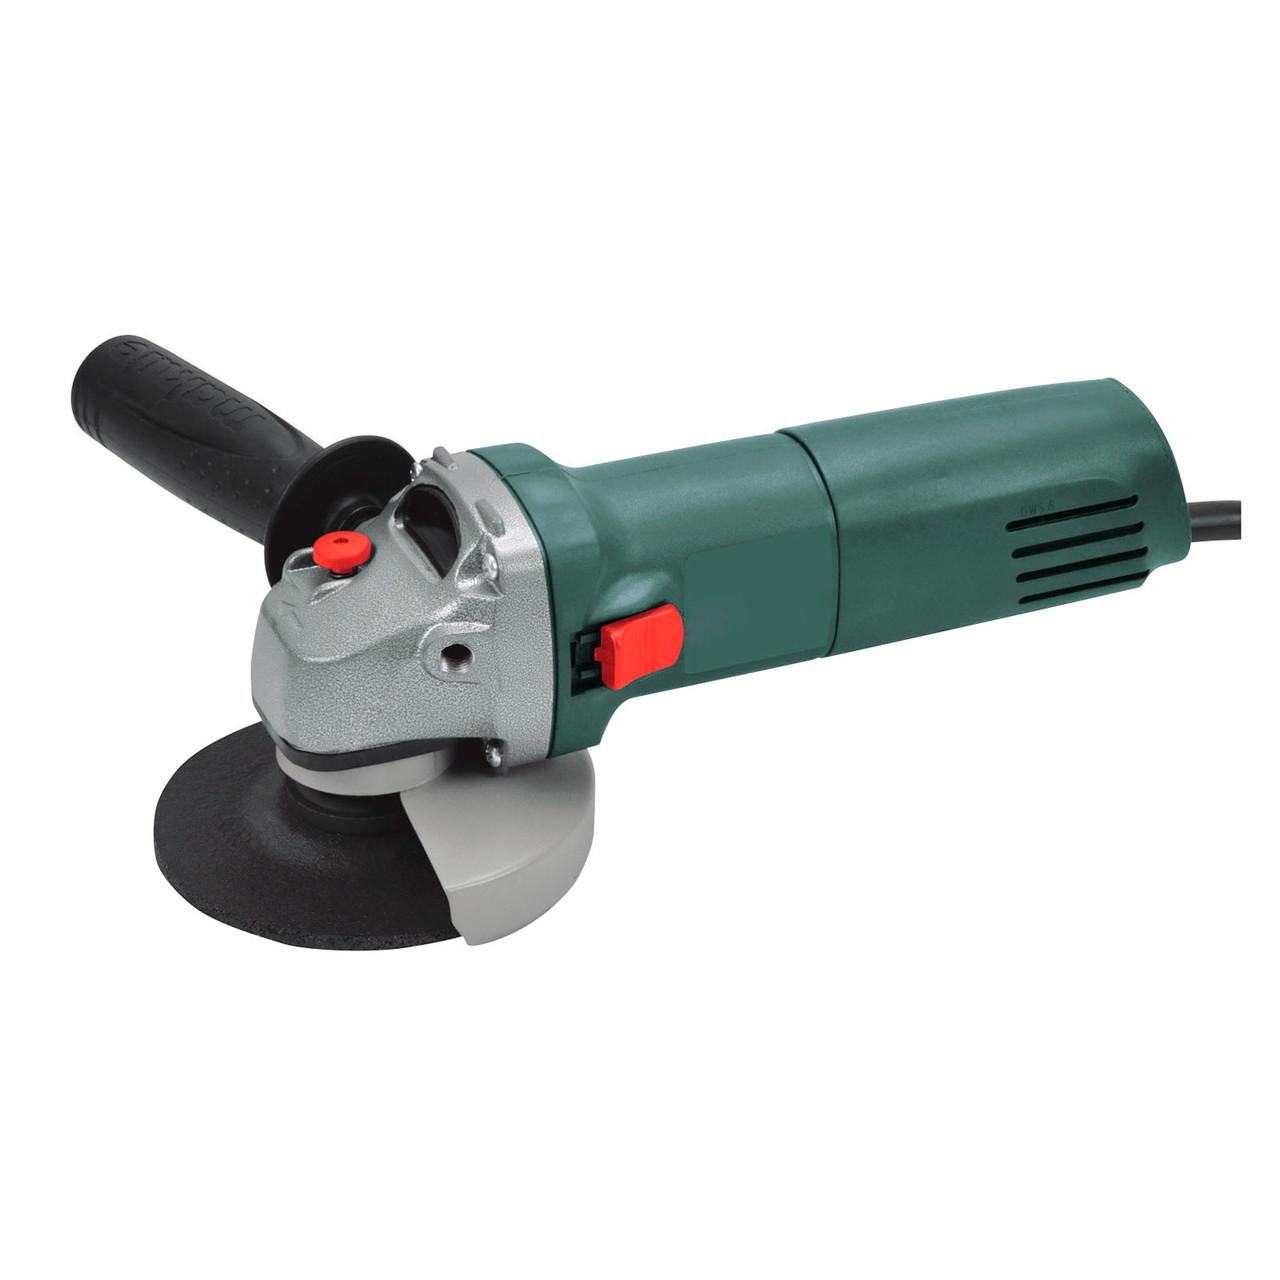 Угловая шлифмашина AG 860-115 ALTECO Standard